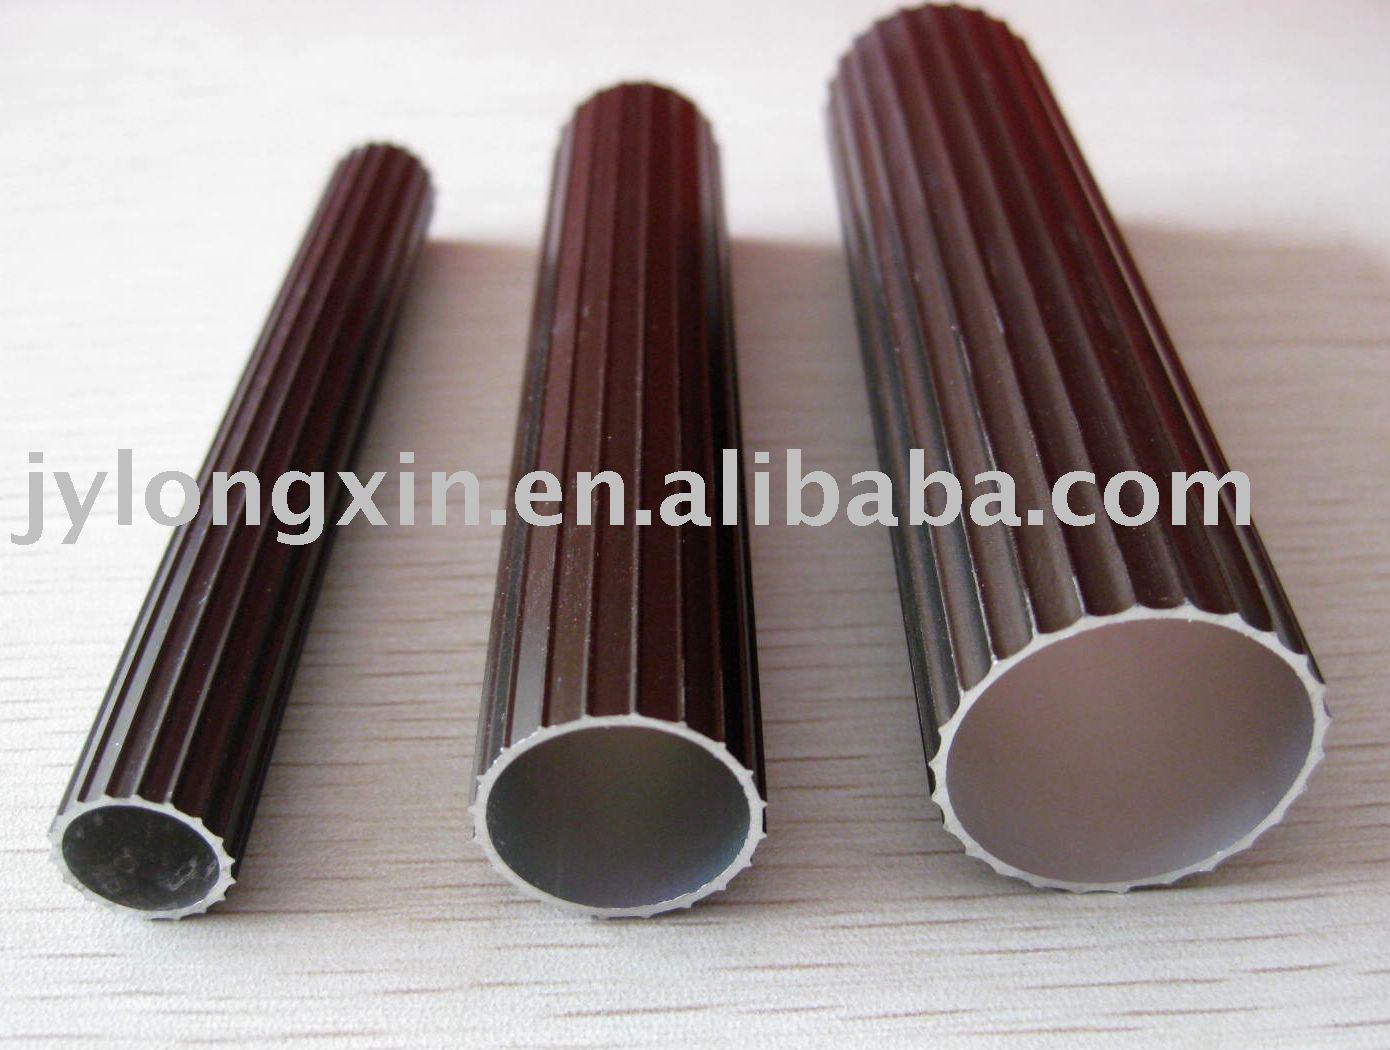 marrone tubi in alluminio anodizzato-Tubi d`alluminio-Id prodotto:295666343-italian.alibaba.com